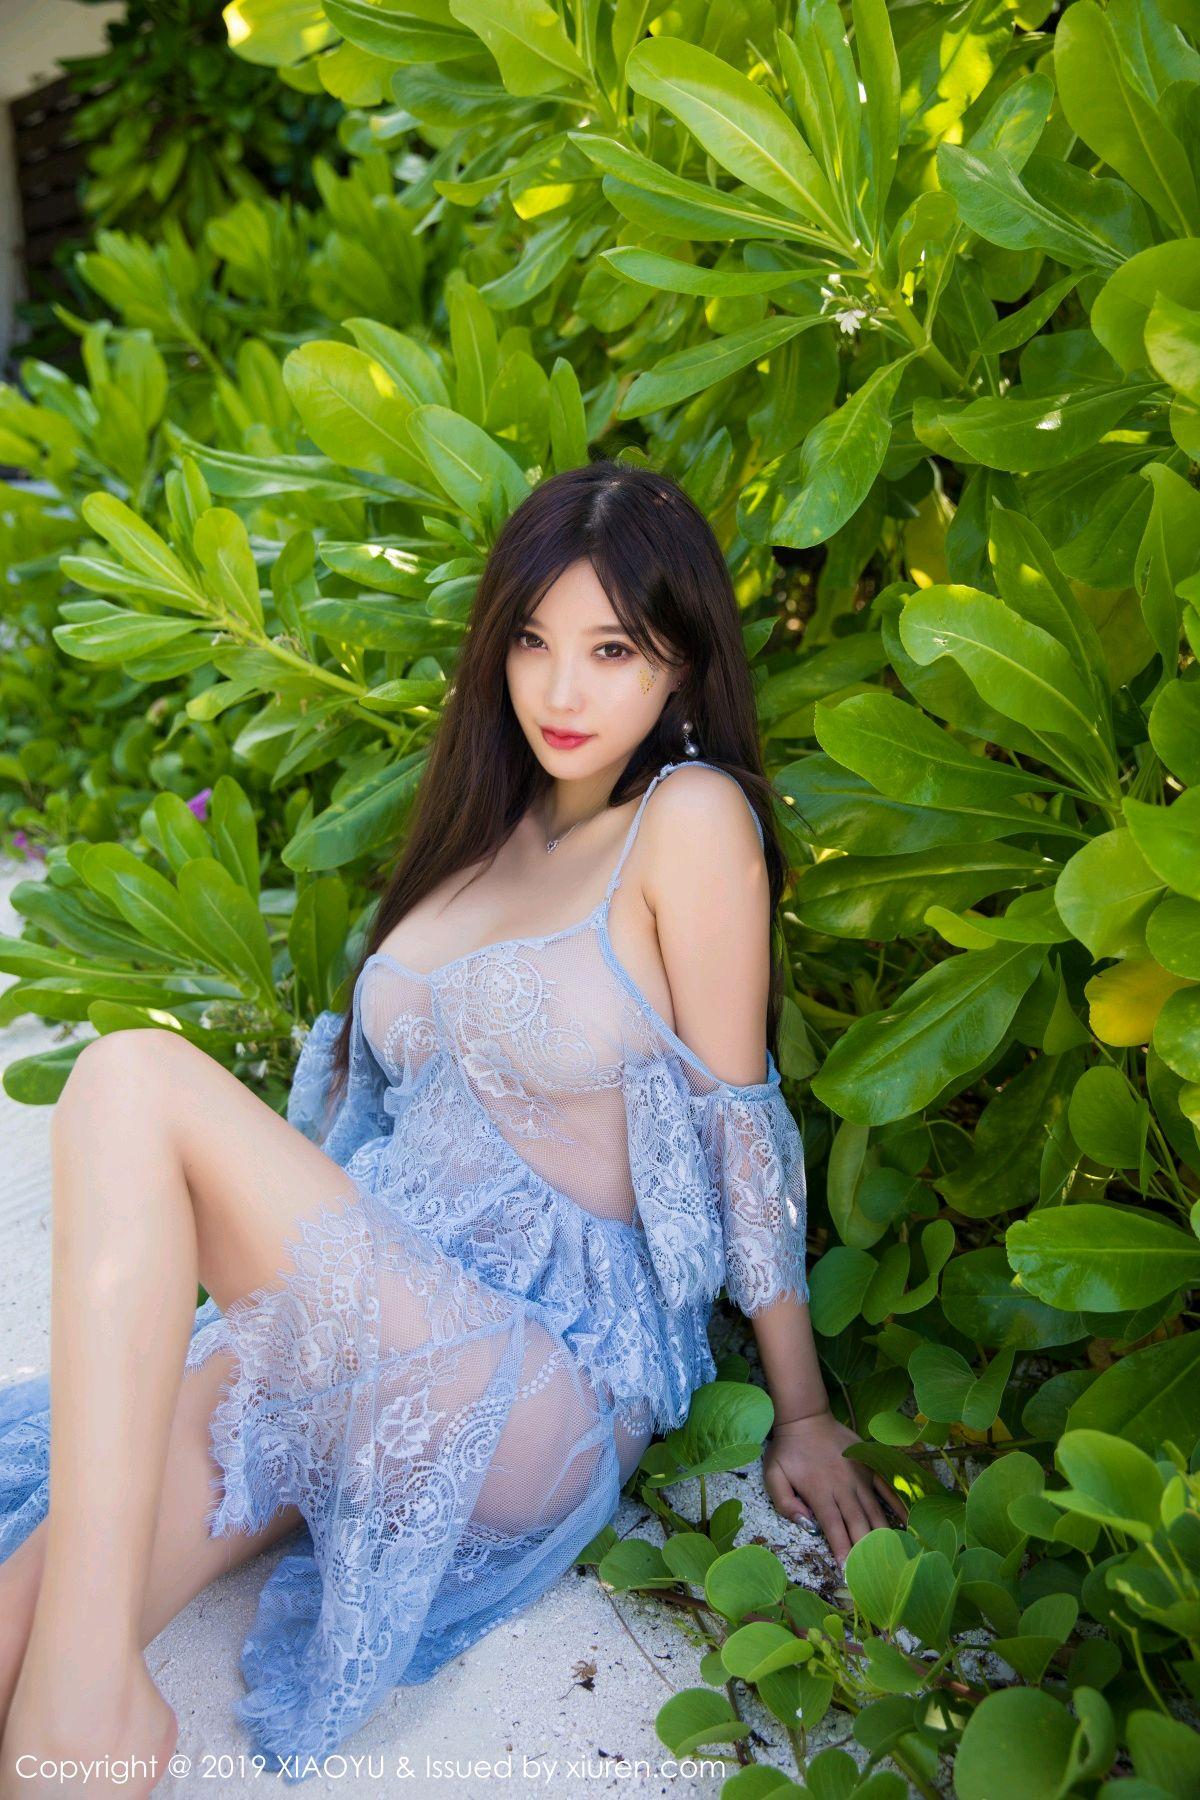 [XiaoYu] Vol.067 Yang Chen Chen 53P, Beach, Underwear, XiaoYu, Yang Chen Chen